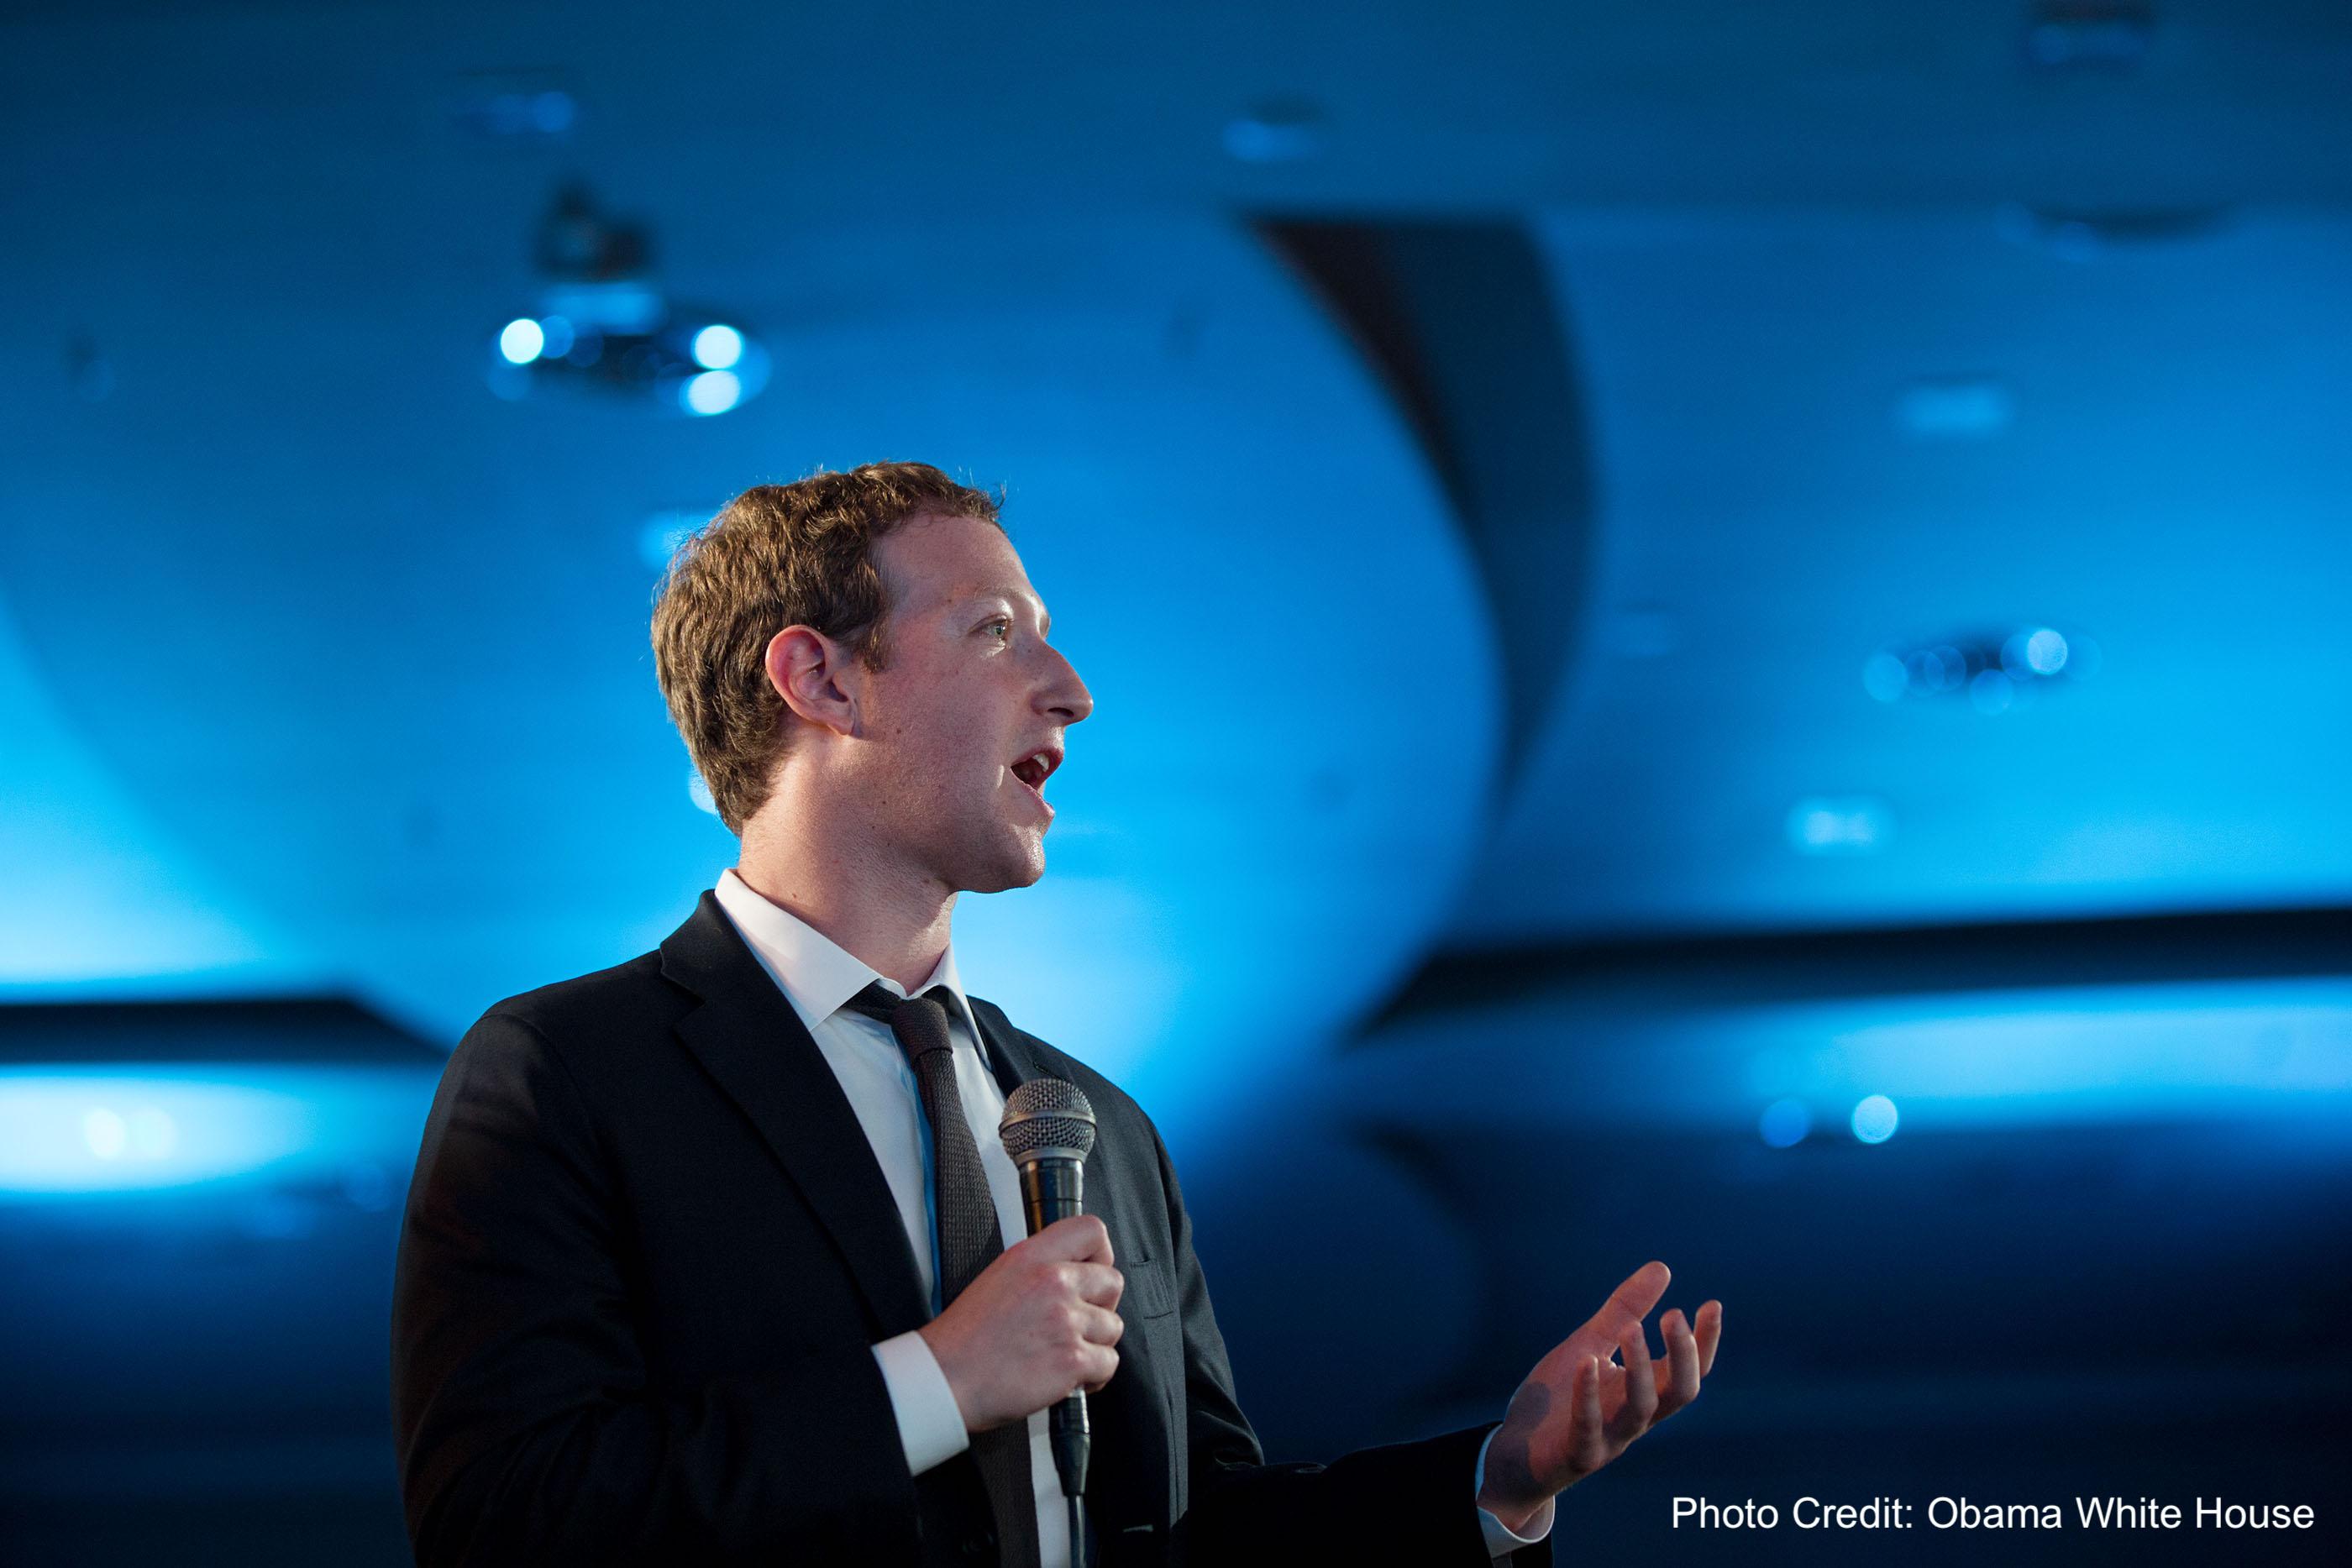 臉書創辦人的國會作證,教我職場應對進退的5個技巧